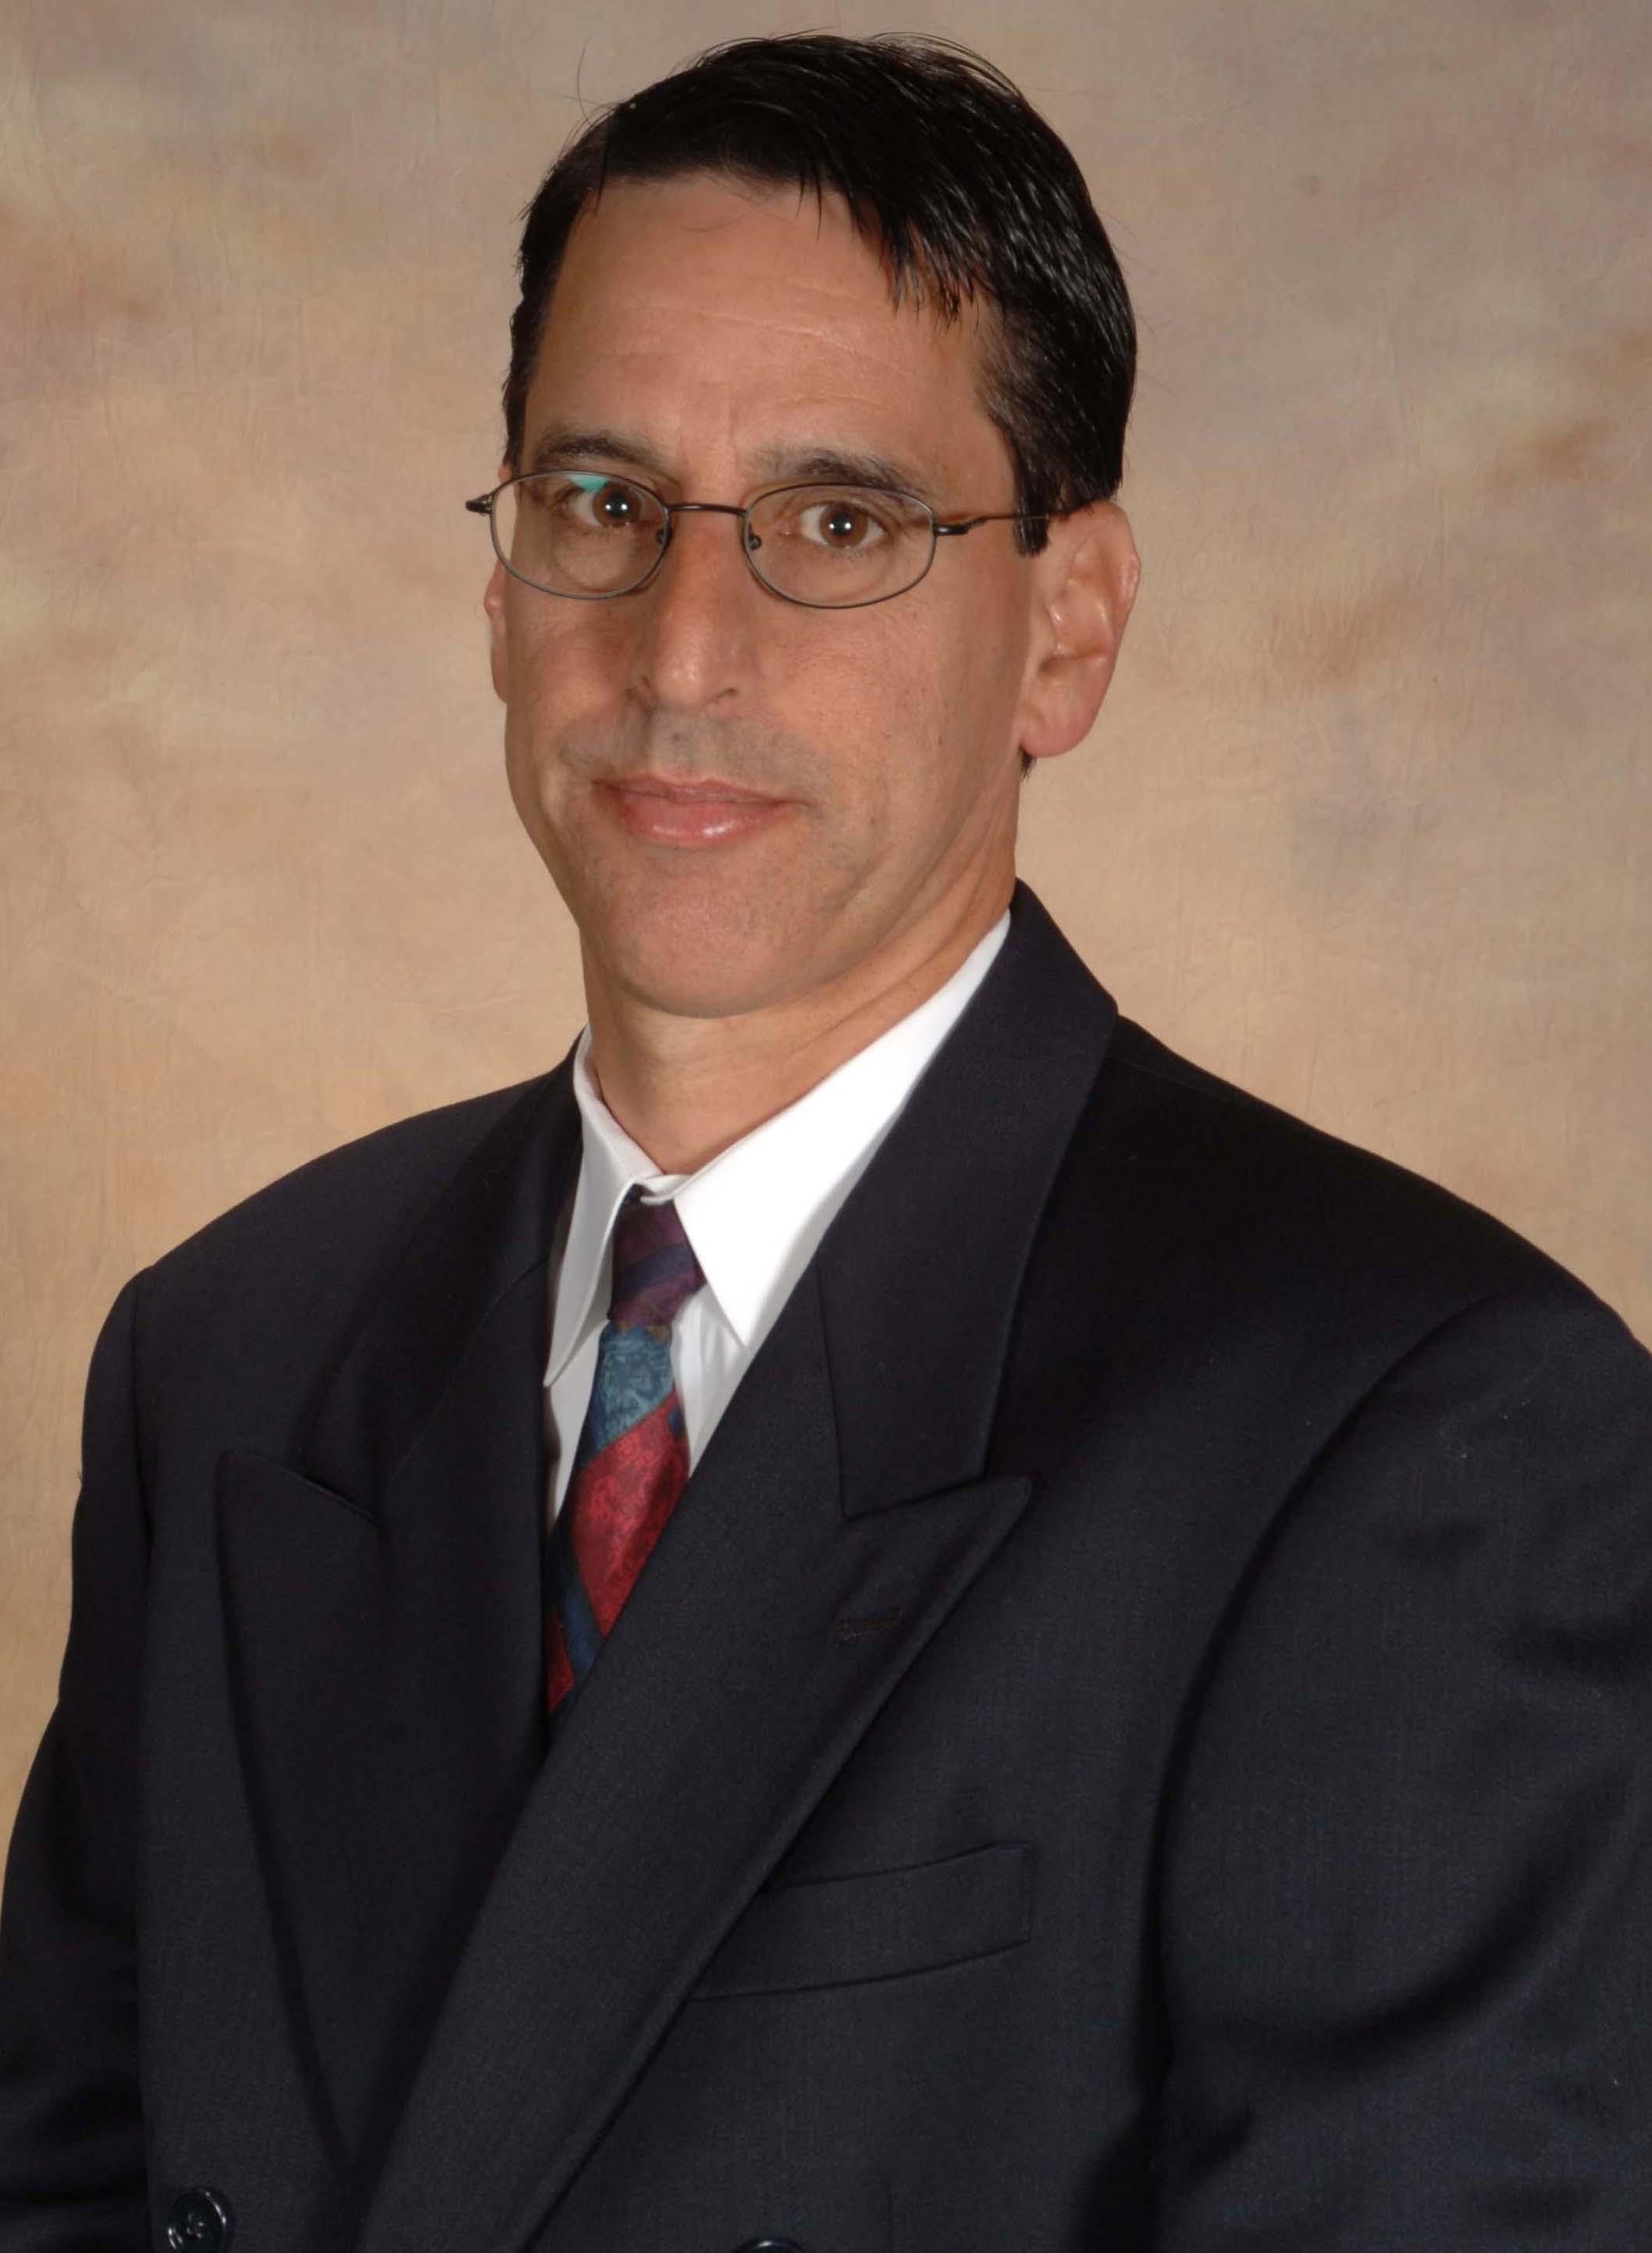 John Robert Lucas